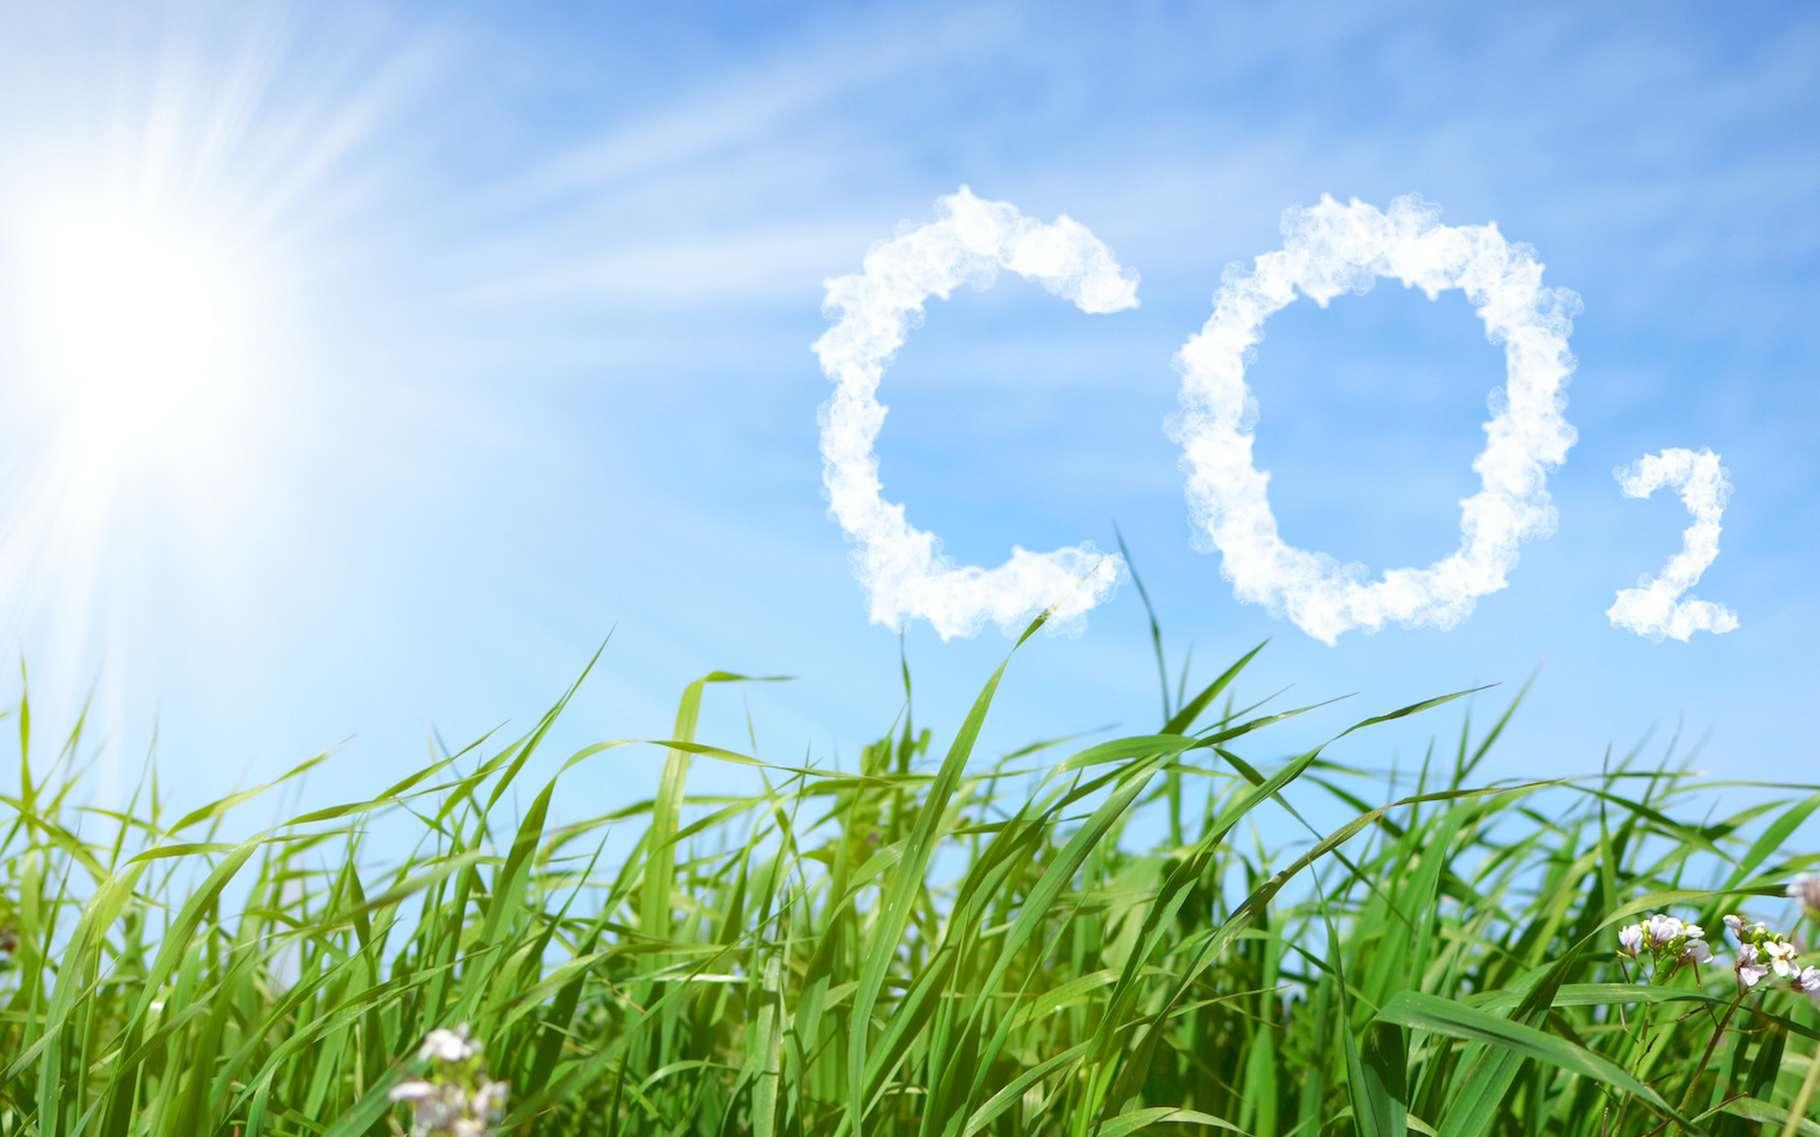 Capter le CO2 et le stocker dans les sous-sols est l'une des solutions étudiées pour nous aider à lutter contre le réchauffement climatique anthropique en cours. © oraziopuccio, Adobe Stock